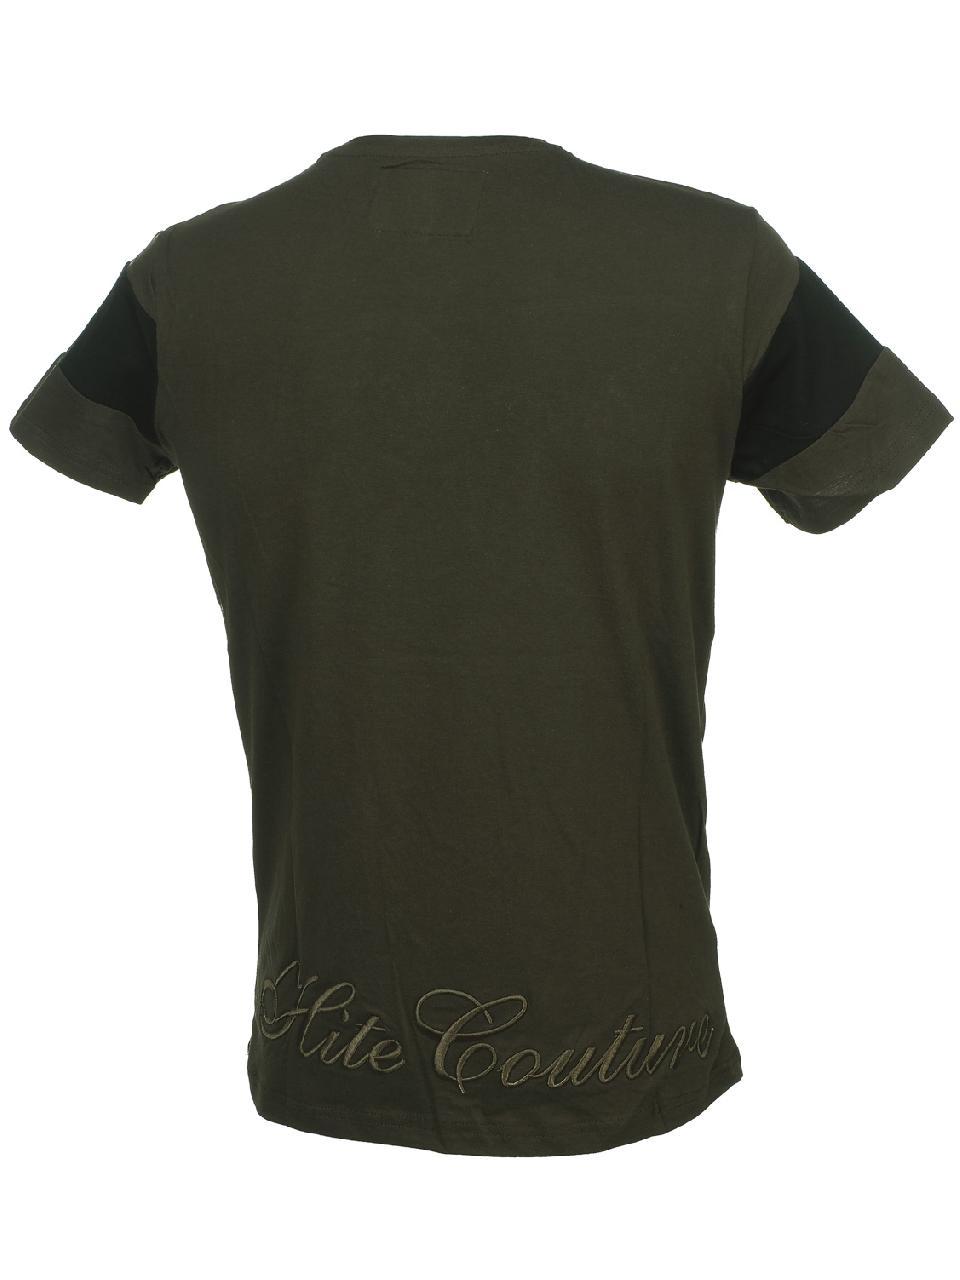 Short-Hite-Couture-Mixer-Kakiblack-Mc-Tee-Green-11537-New thumbnail 5